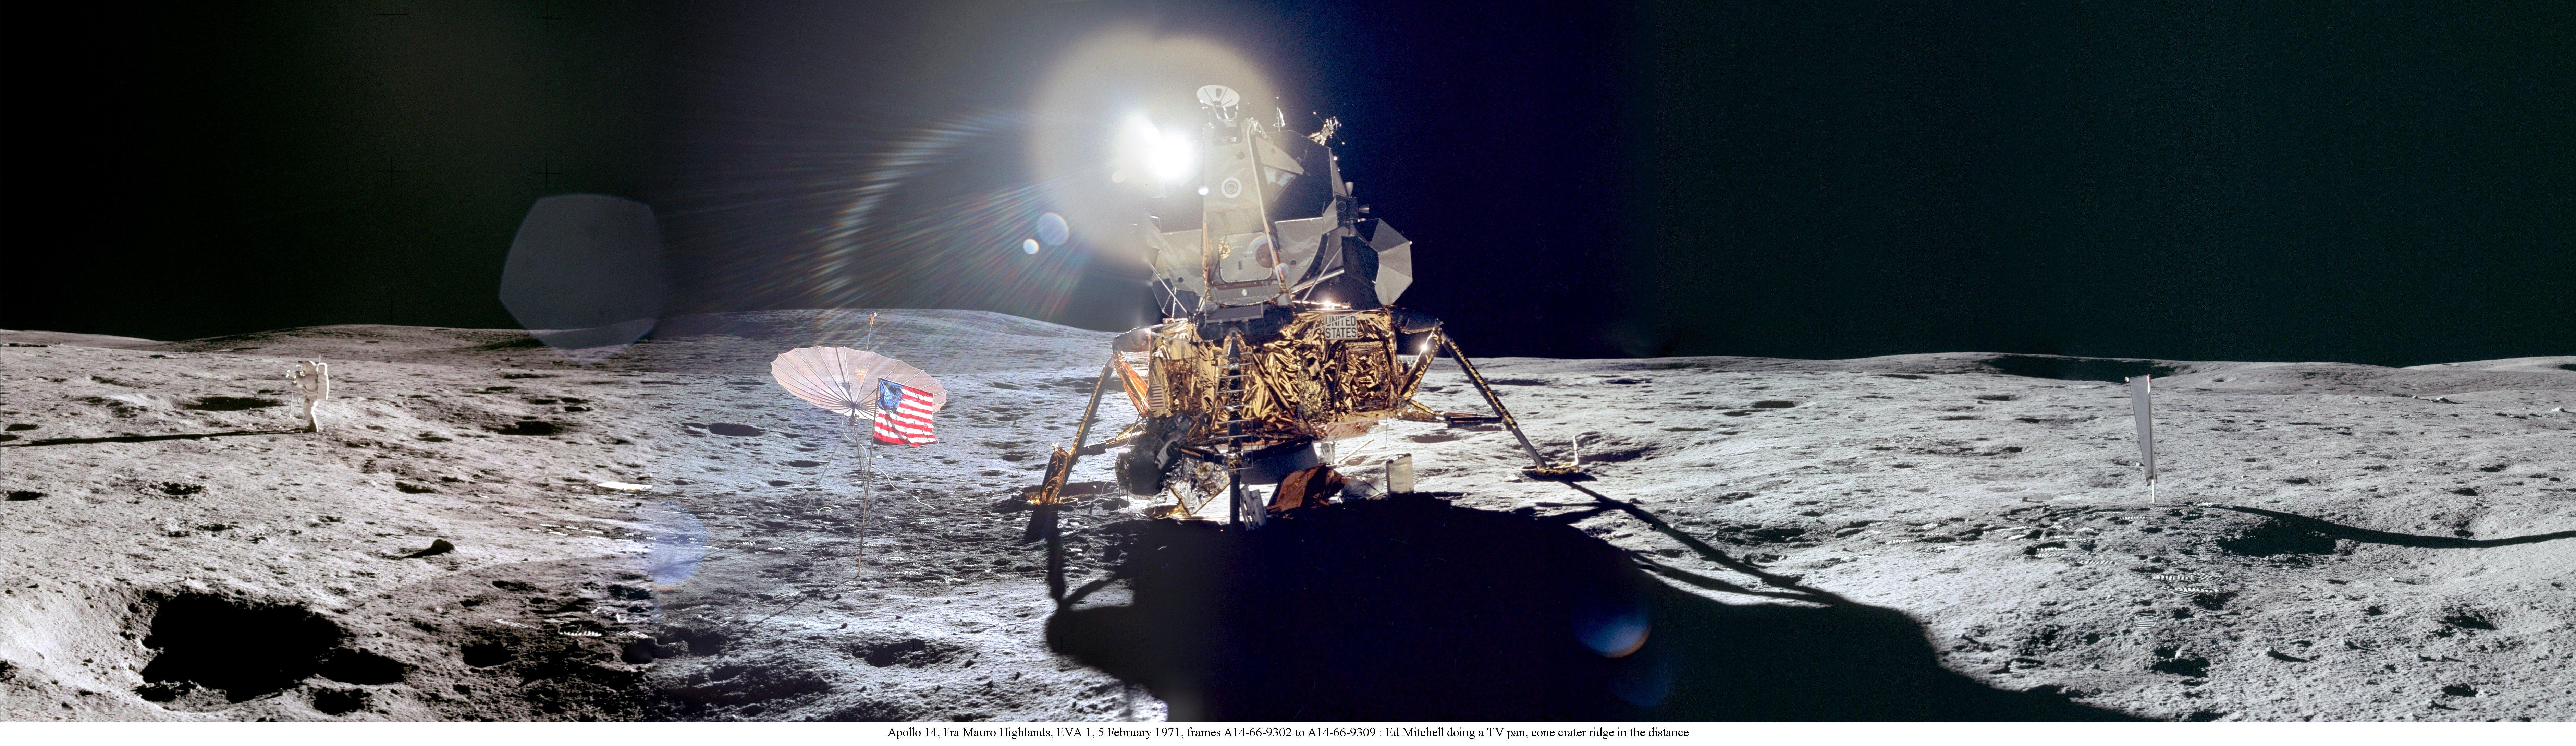 NASA Moon Rock